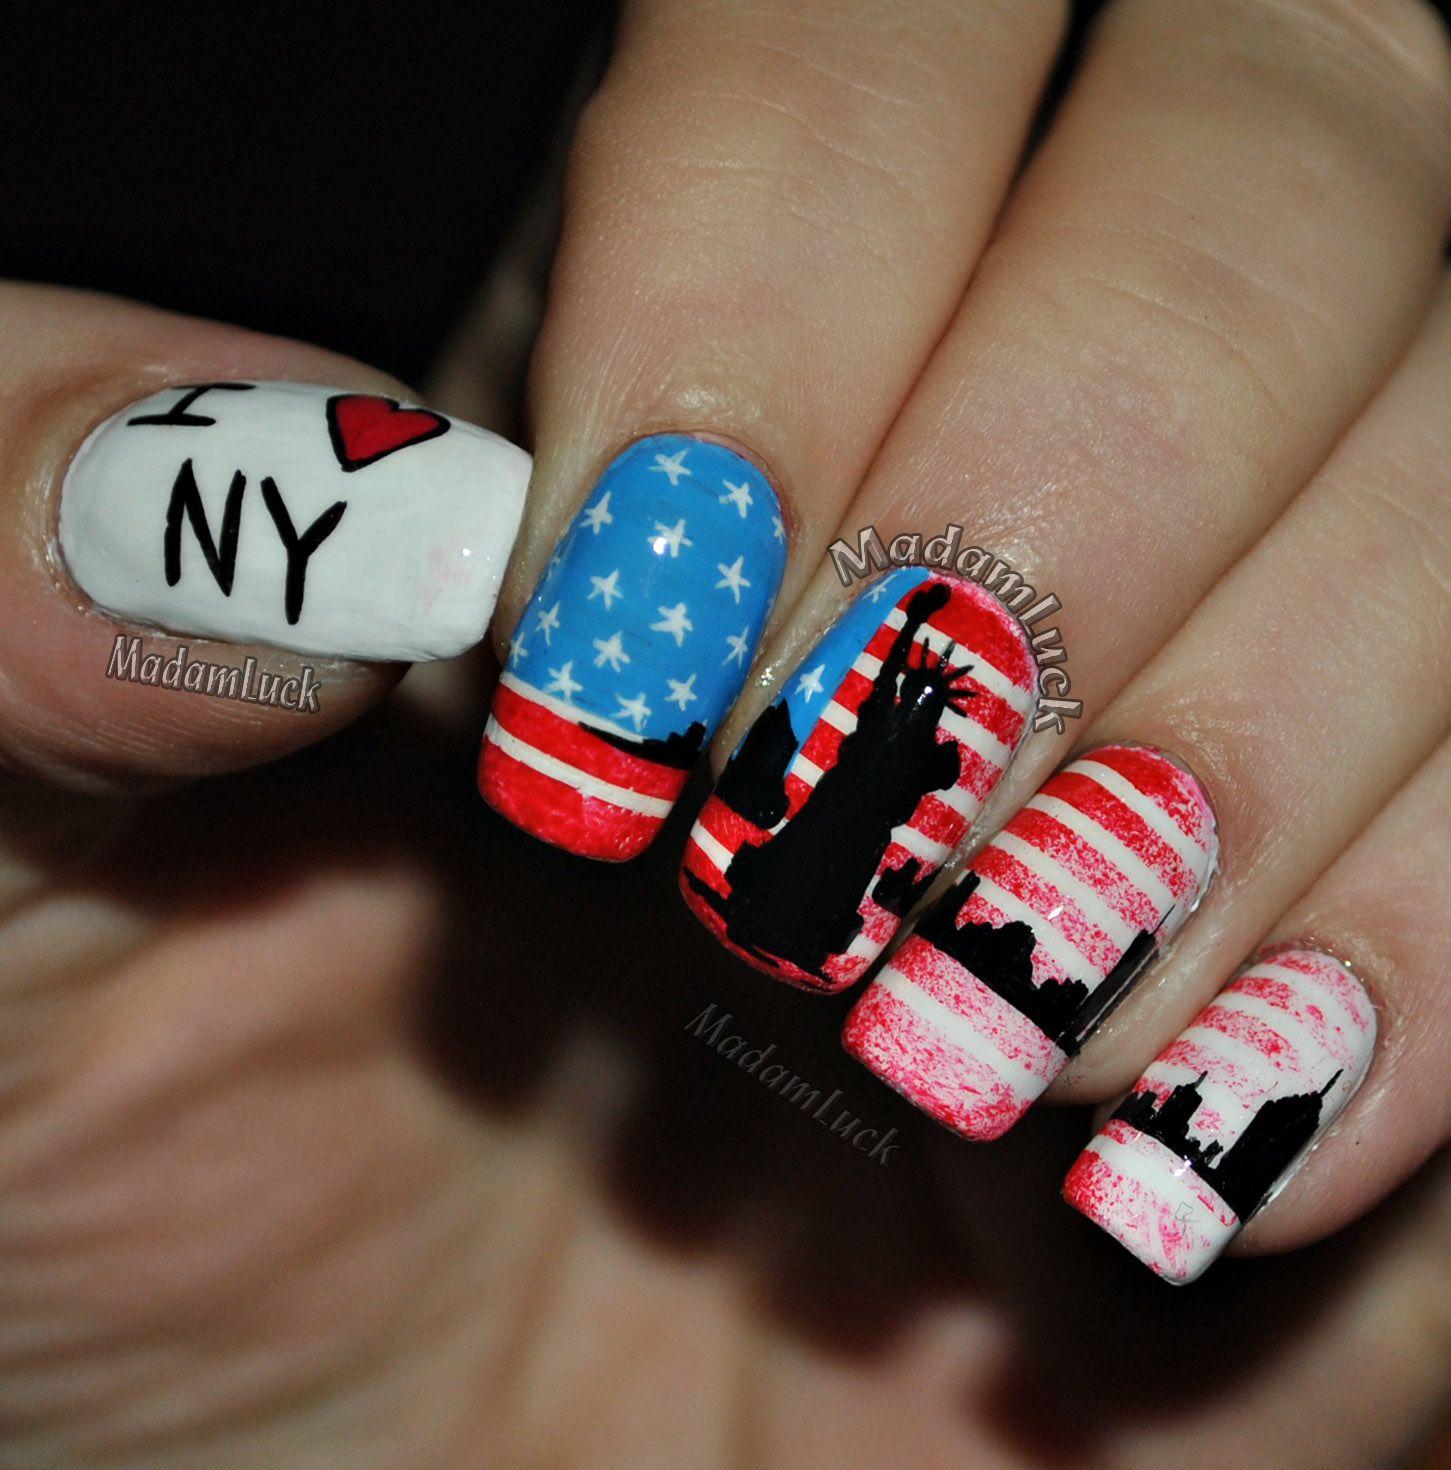 Fancy Nail Art New York City Ideas - Nail Art Ideas - morihati.com